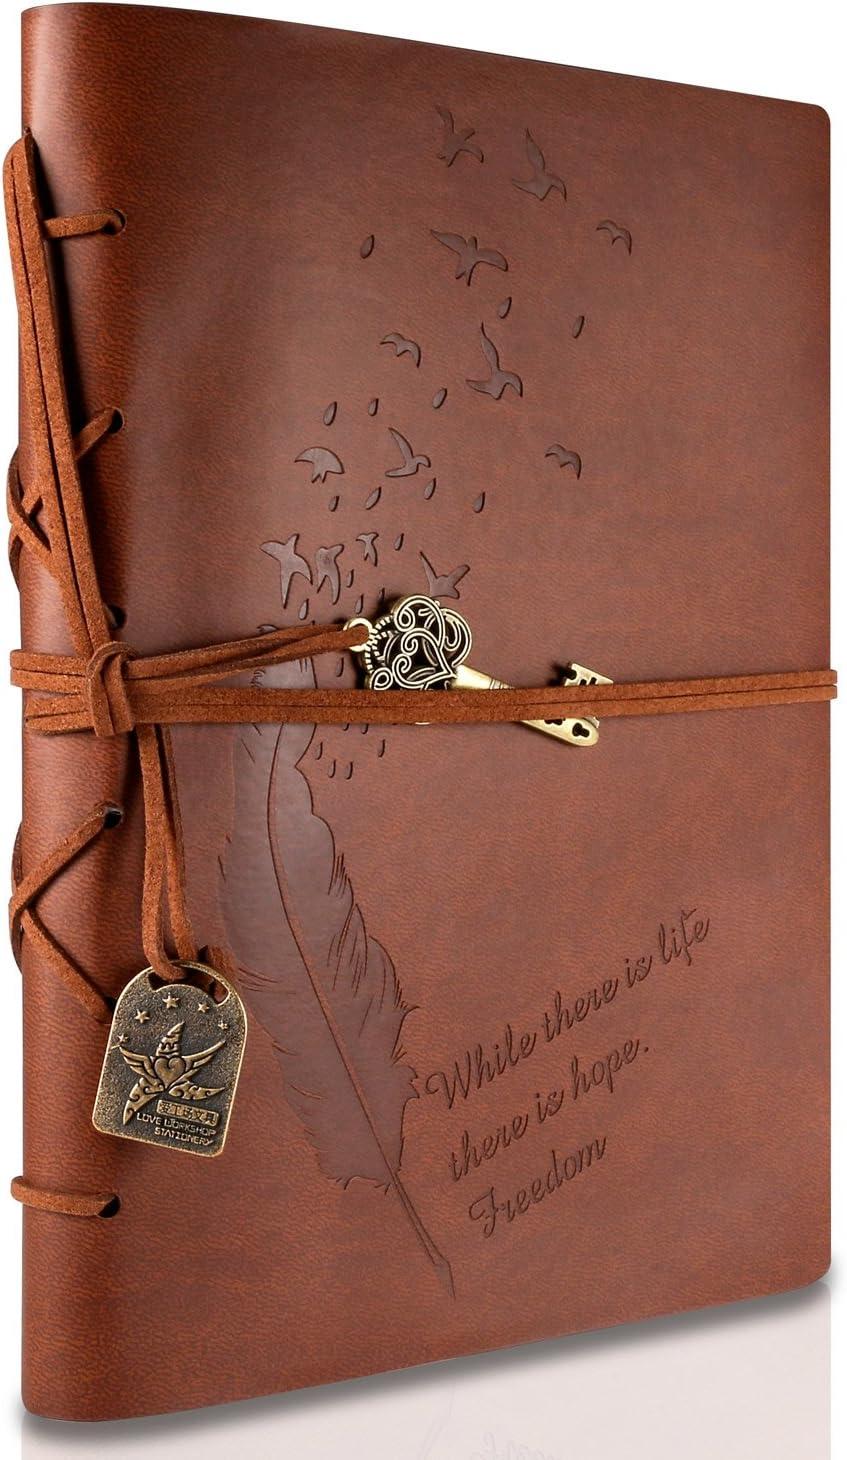 Rymall Cubierta de cuero de la vendimia retro Notebook llave mágica Cadena 160 en blanco Jotter Diary, 15 × 21 cm, A5 (Brown)